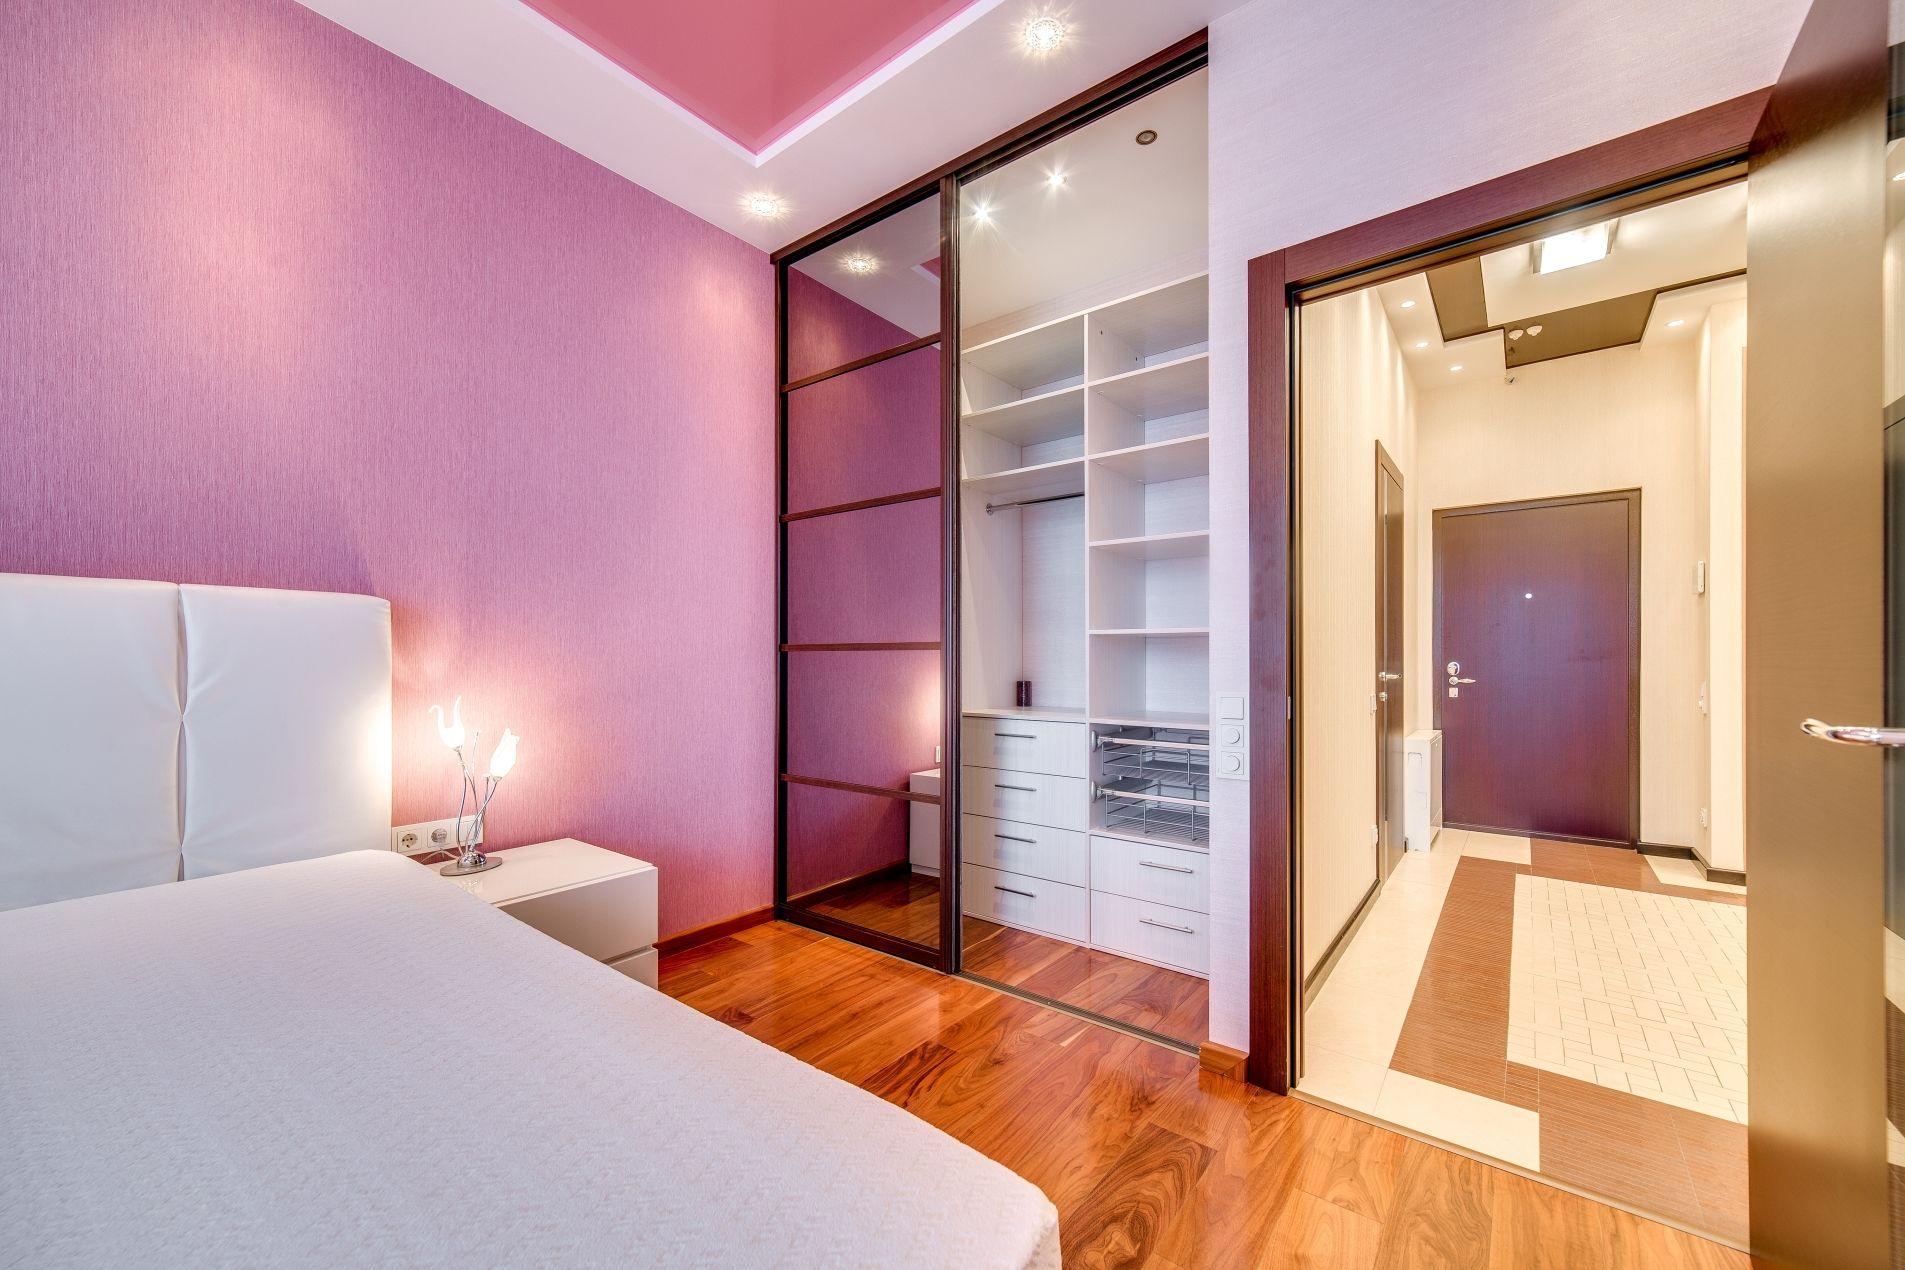 Гардеробная угловая в спальне фото дизайн